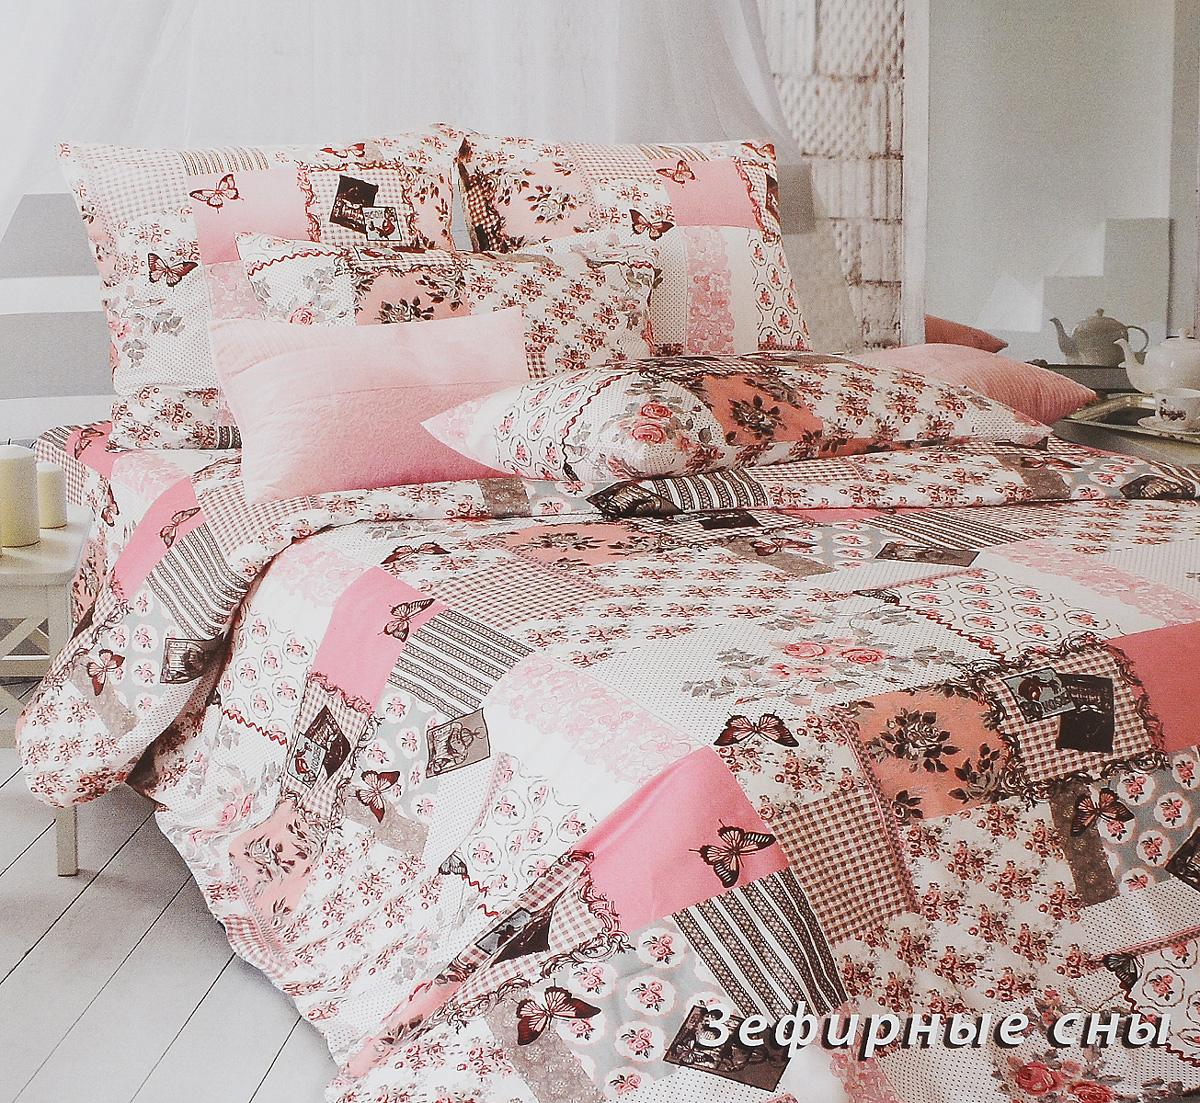 Комплект белья Tiffanys Secret Зефирные сны, евро, наволочки 70х70, цвет: розовый, белый, темно-коричневый84840Комплект постельного белья Tiffanys Secret Зефирные сны является экологически безопасным для всей семьи, так как выполнен из сатина (100% хлопок). Комплект состоит из пододеяльника, простыни и двух наволочек. Предметы комплекта оформлены оригинальным рисунком.Благодаря такому комплекту постельного белья вы сможете создать атмосферу уюта и комфорта в вашей спальне.Сатин - это ткань, навсегда покорившая сердца человечества. Ценившие роскошь персы называли ее атлас, а искушенные в прекрасном французы - сатин. Секрет высококачественного сатина в безупречности всего технологического процесса. Эту благородную ткань делают только из отборной натуральной пряжи, которую получают из самого лучшего тонковолокнистого хлопка. Благодаря использованию самой тонкой хлопковой нити получается необычайно мягкое и нежное полотно. Сатиновое постельное белье превращает жаркие летние ночи в прохладные и освежающие, а холодные зимние - в теплые и согревающие. Сатин очень приятен на ощупь, постельное белье из него долговечно, выдерживает более 300 стирок, и лишь спустя долгое время материал начинает немного тускнеть. Оцените все достоинства постельного белья из сатина, выбирая самое лучшее для себя!